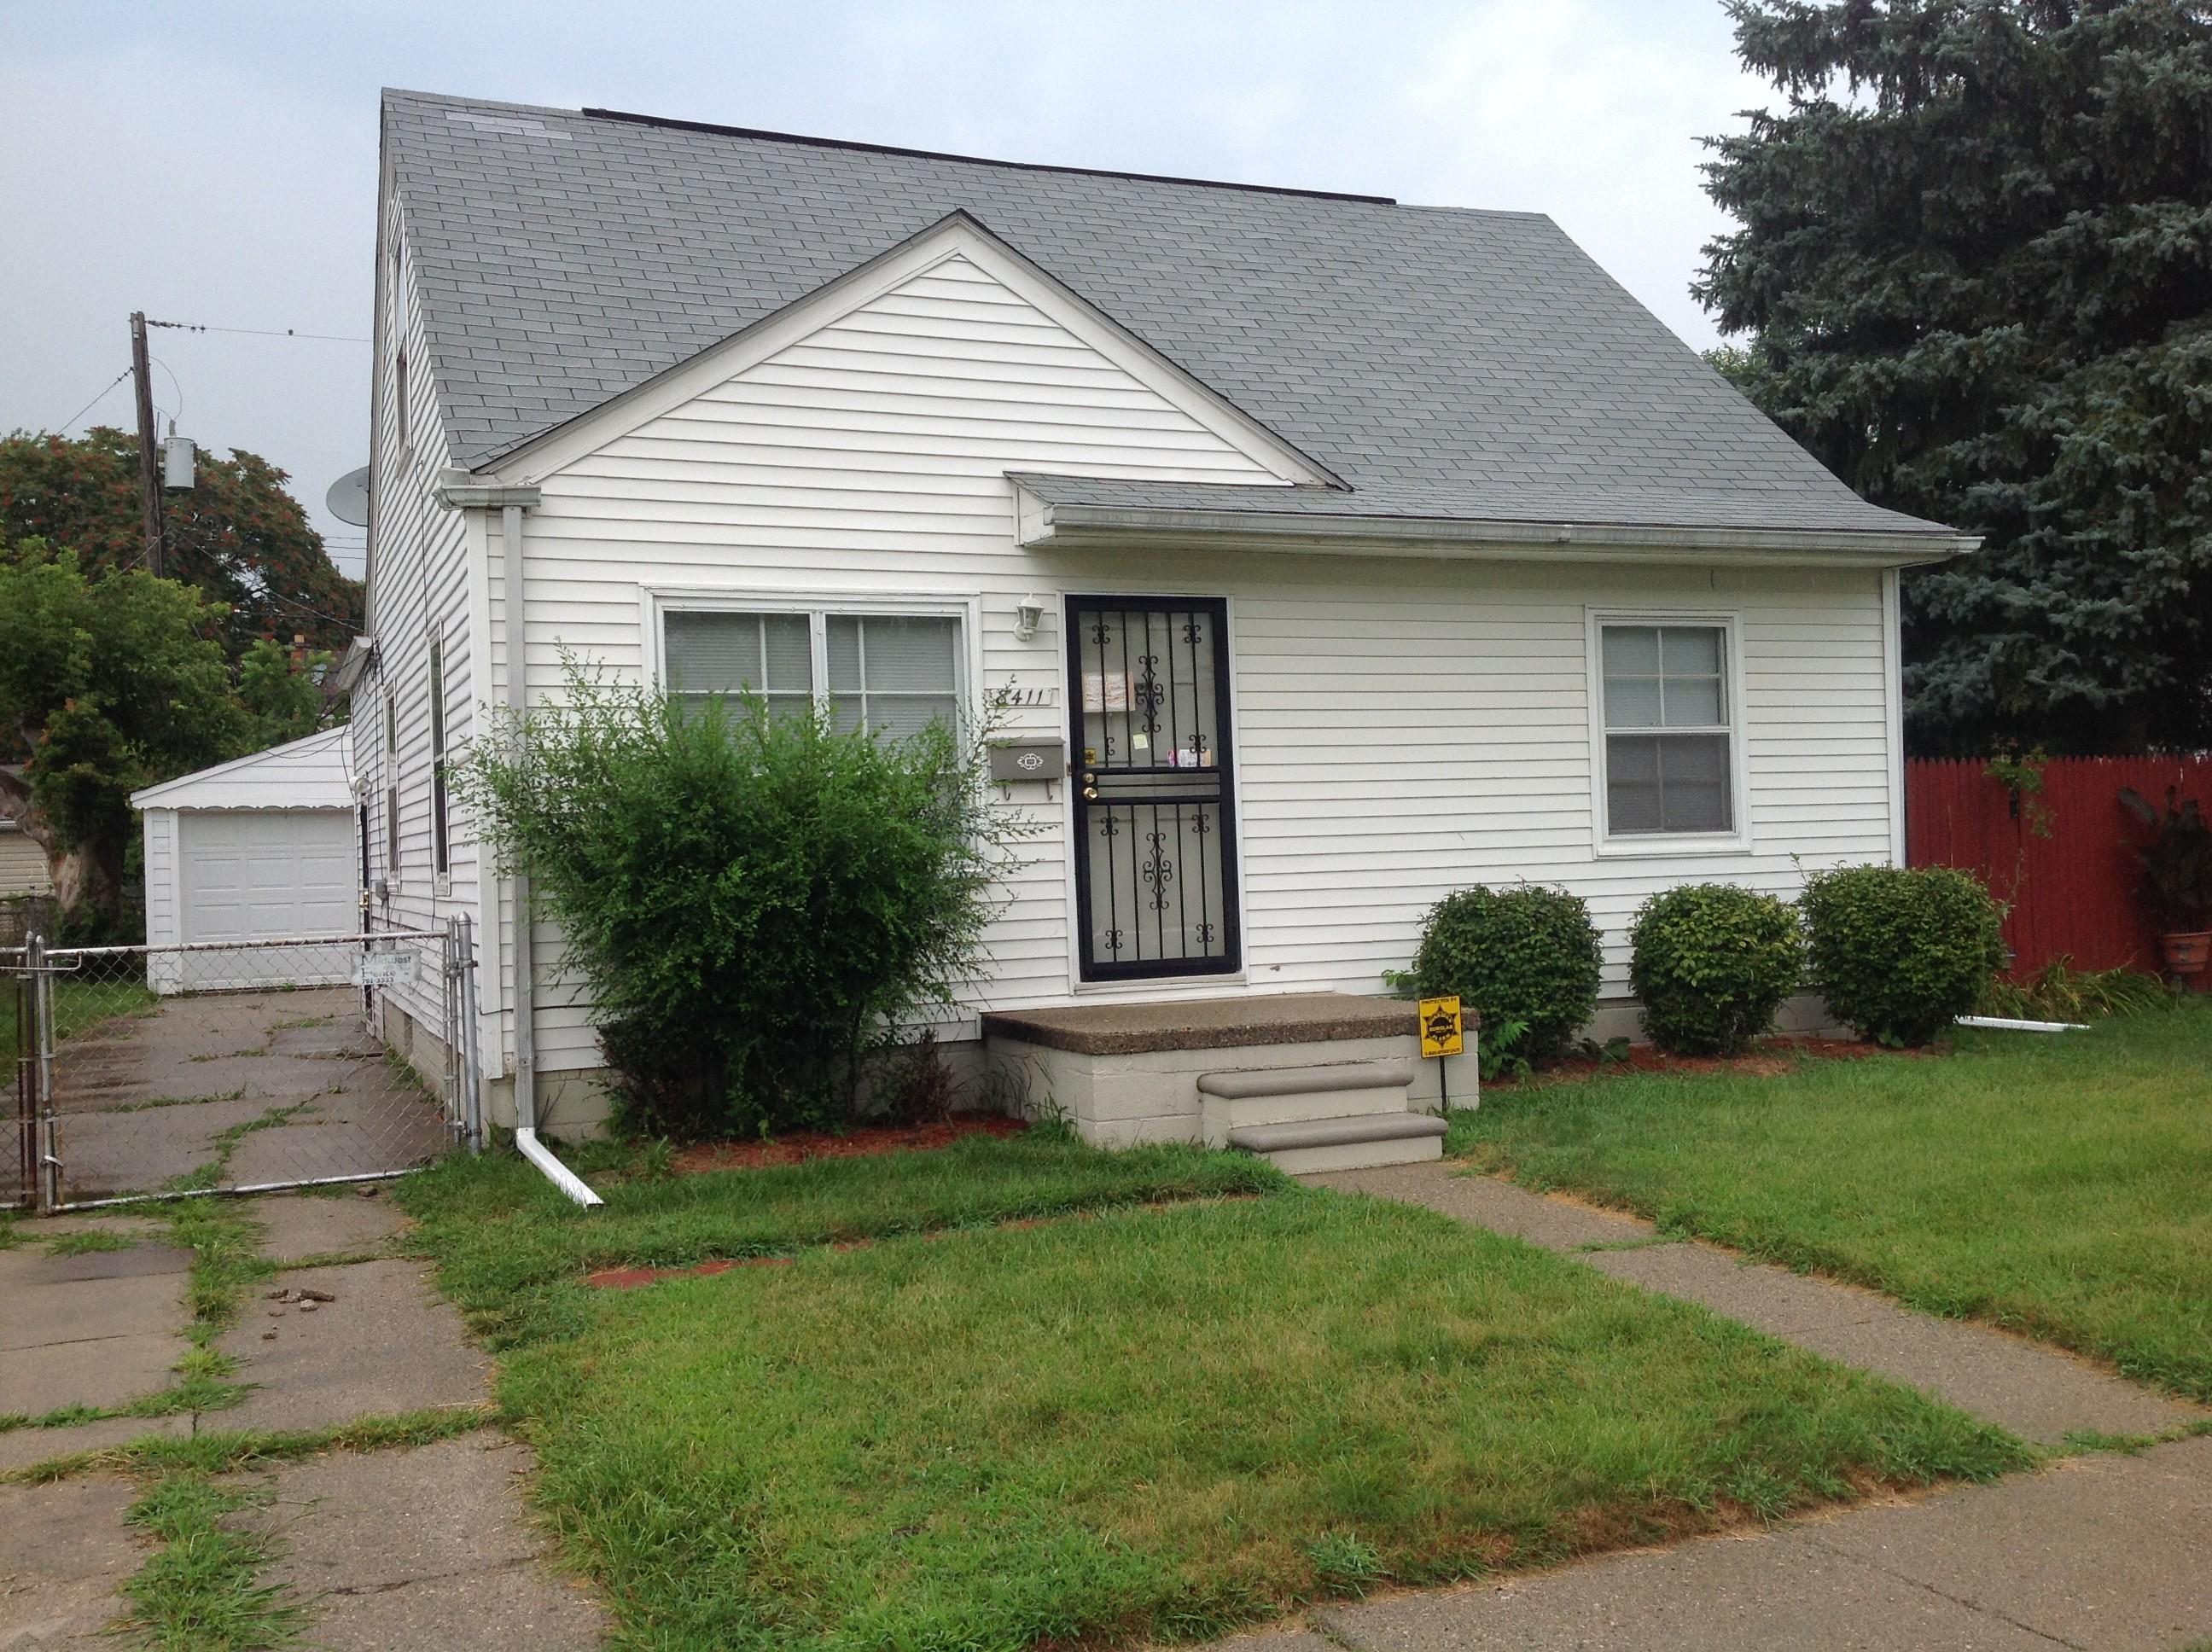 8411 Essex Ave Warren Mi 48089 3 Bedroom Apartment For Rent For 800 Month Zumper